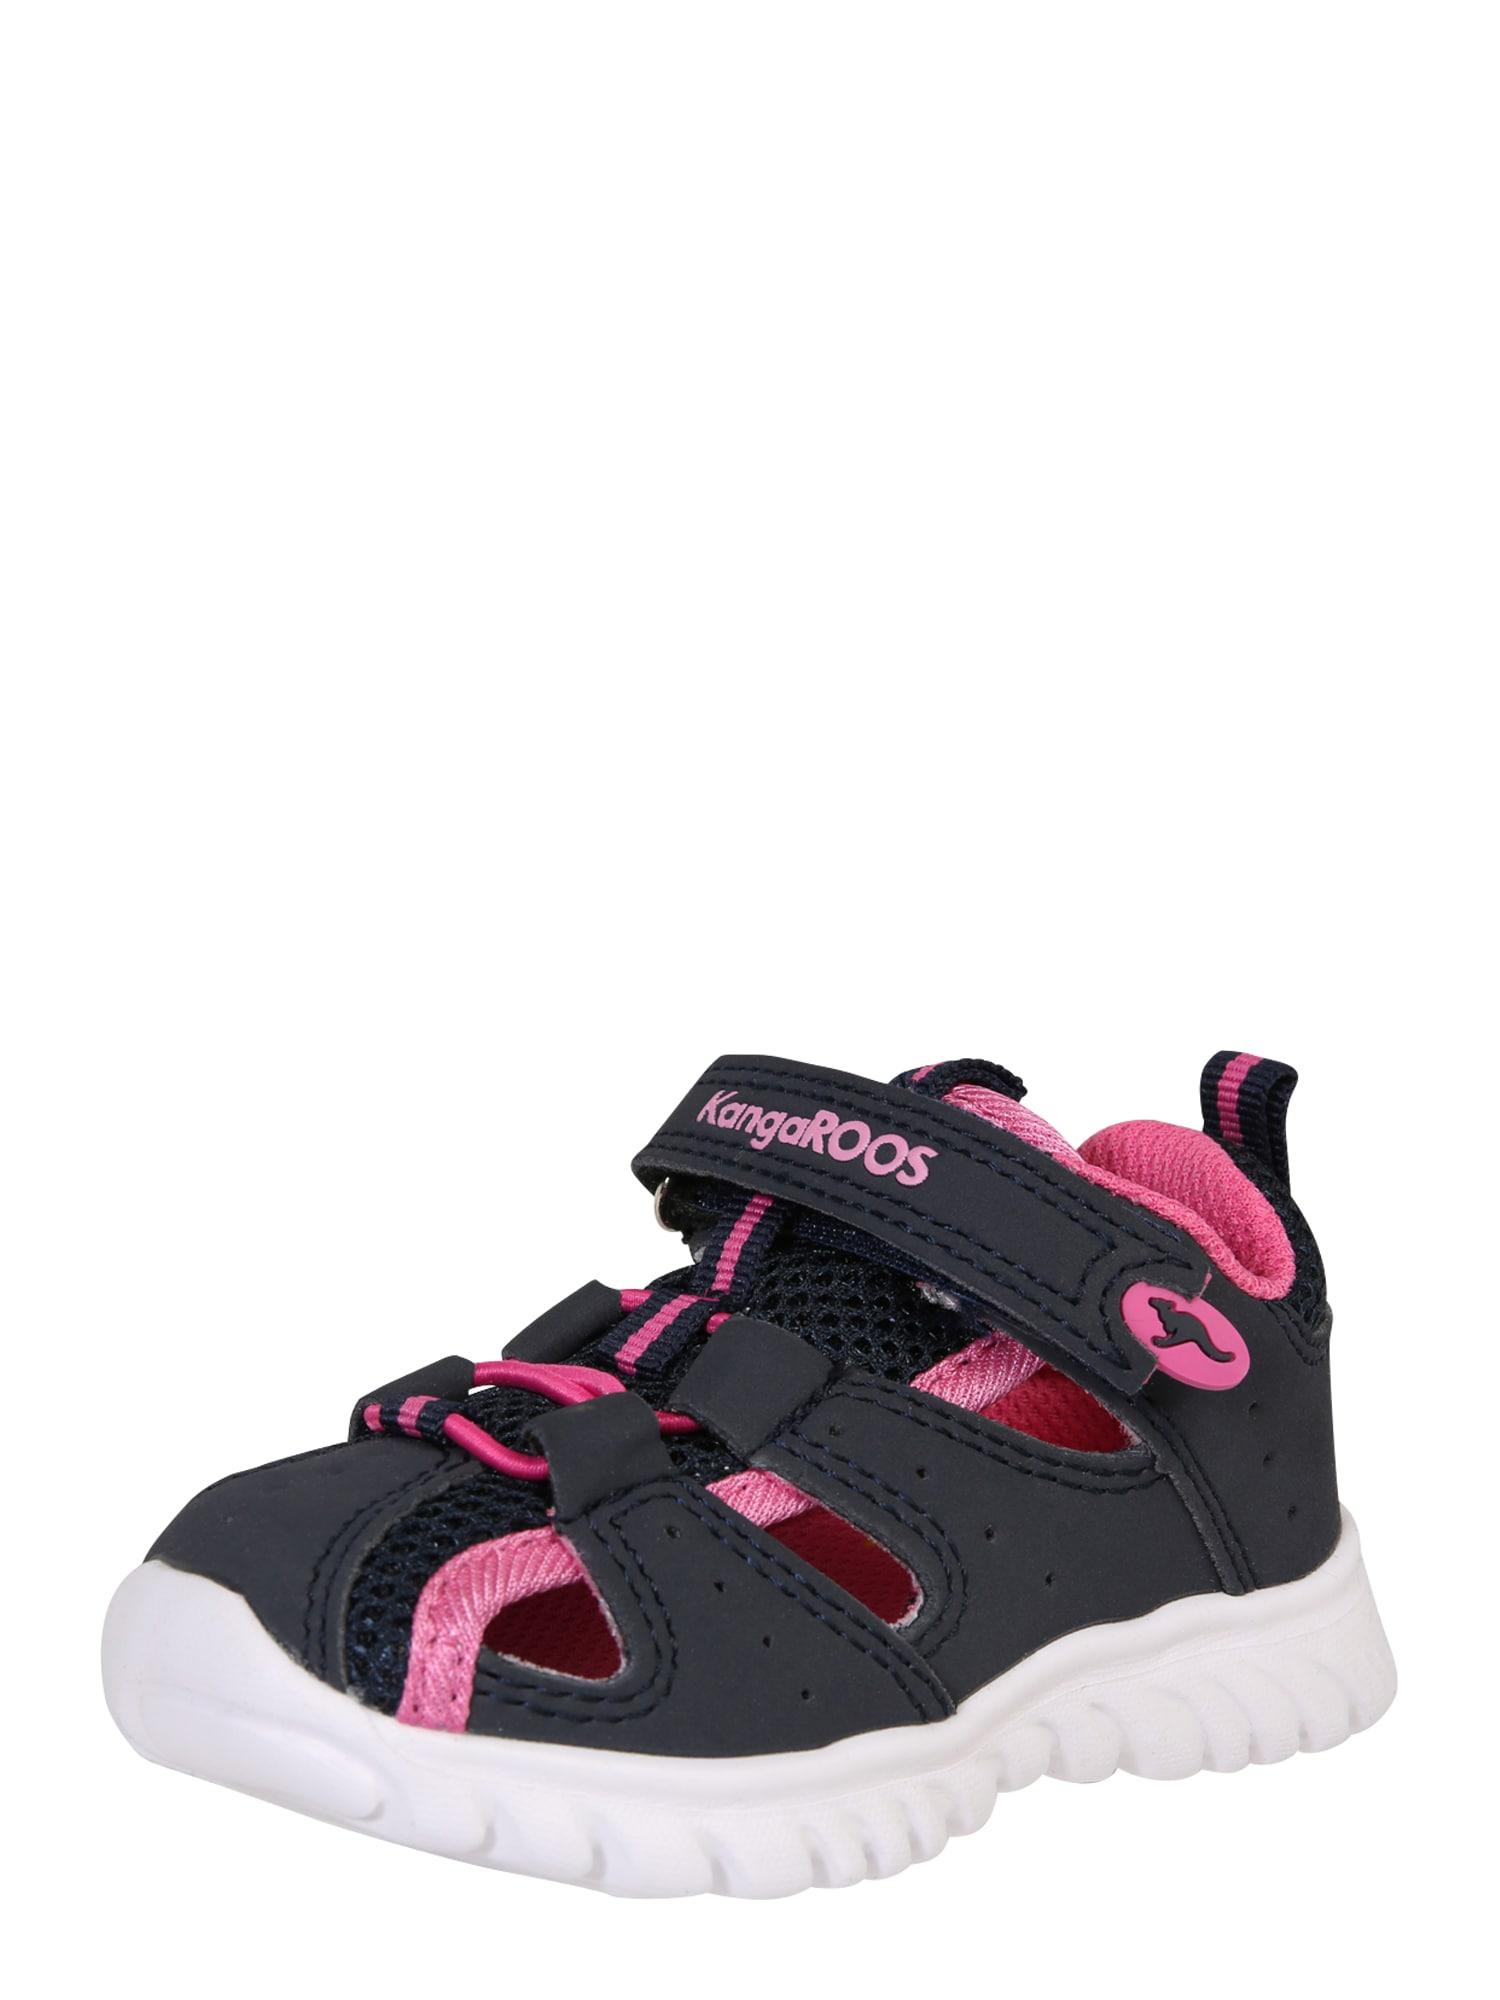 Sandály Rock lite pink černá bílá KangaROOS